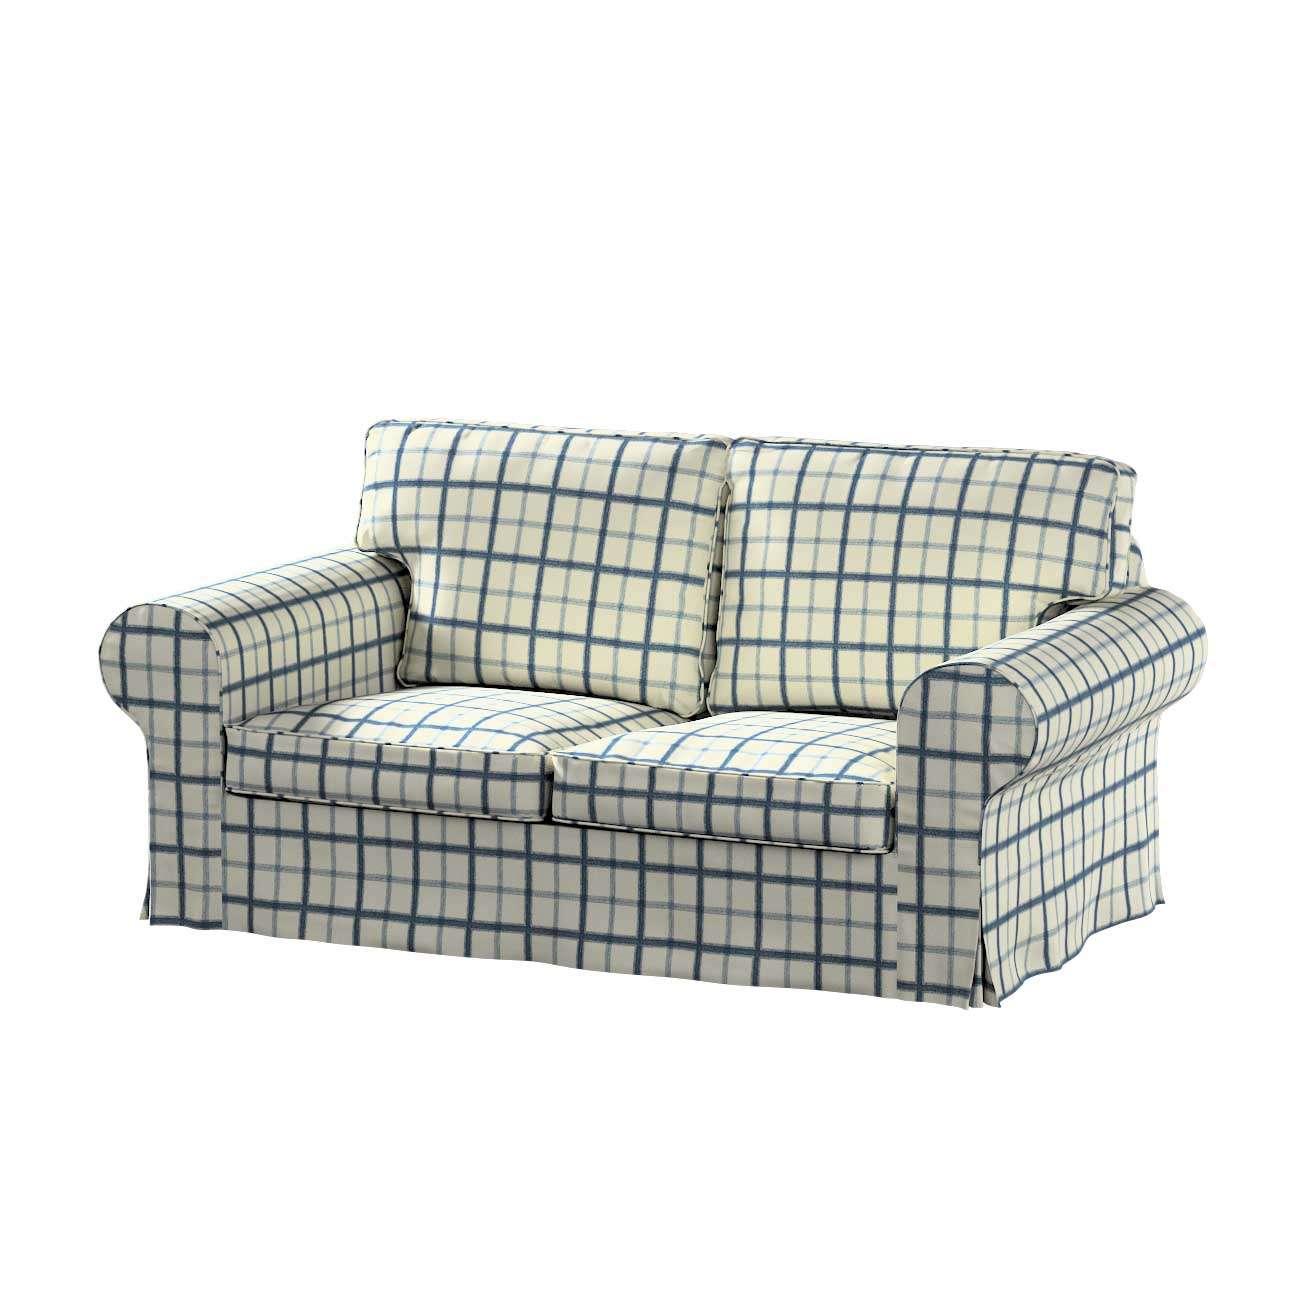 Ektorp 2 sæder sovesofa gammel model<br/>Bredde ca 195cm Betræk uden sofa fra kollektionen Avinon, Stof: 131-66